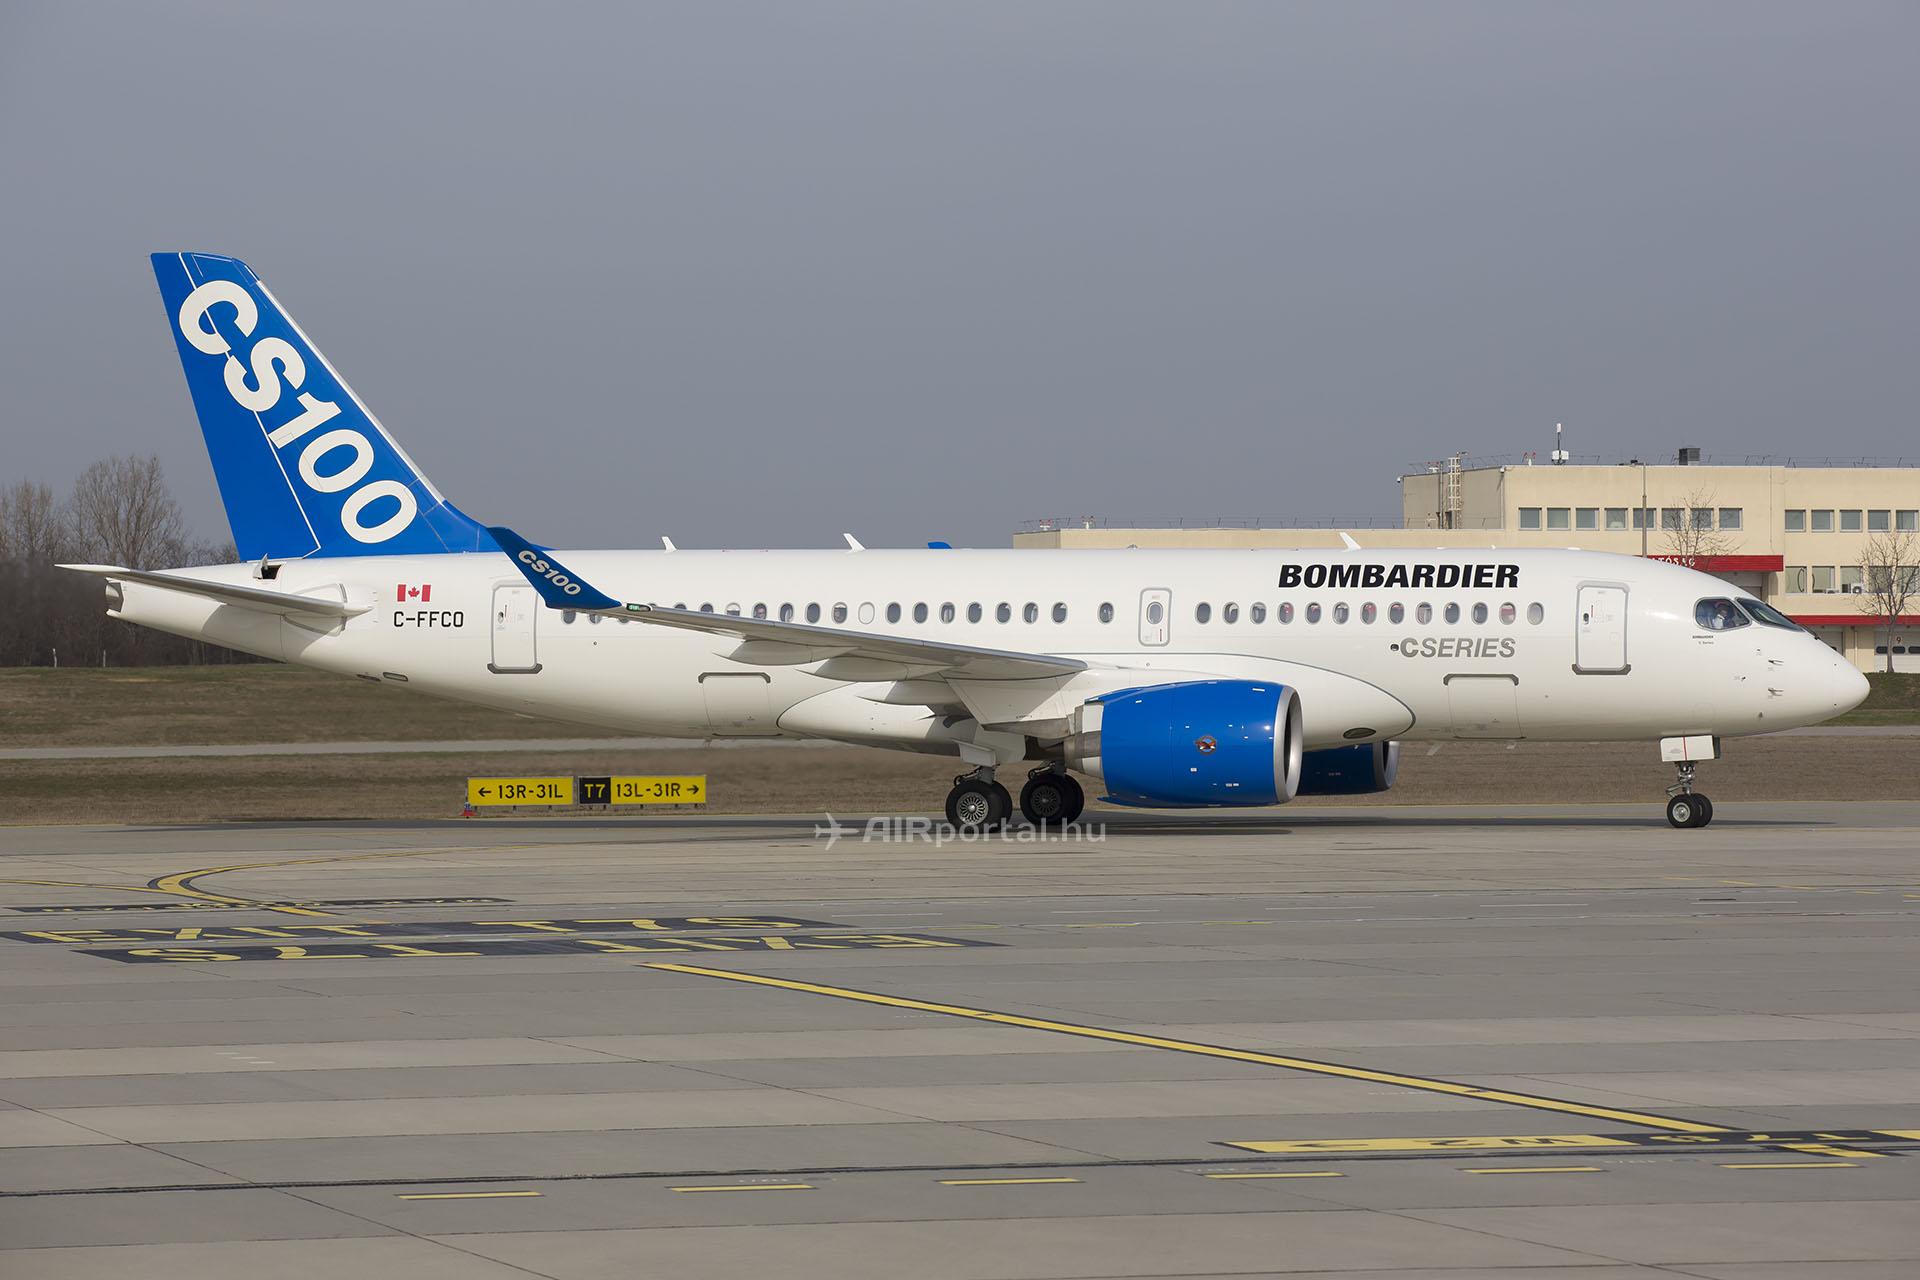 Először szállt le ilyen típusú repülőgép Ferihegyen, ráadásul a gyár festésében. | © AIRportal.hu